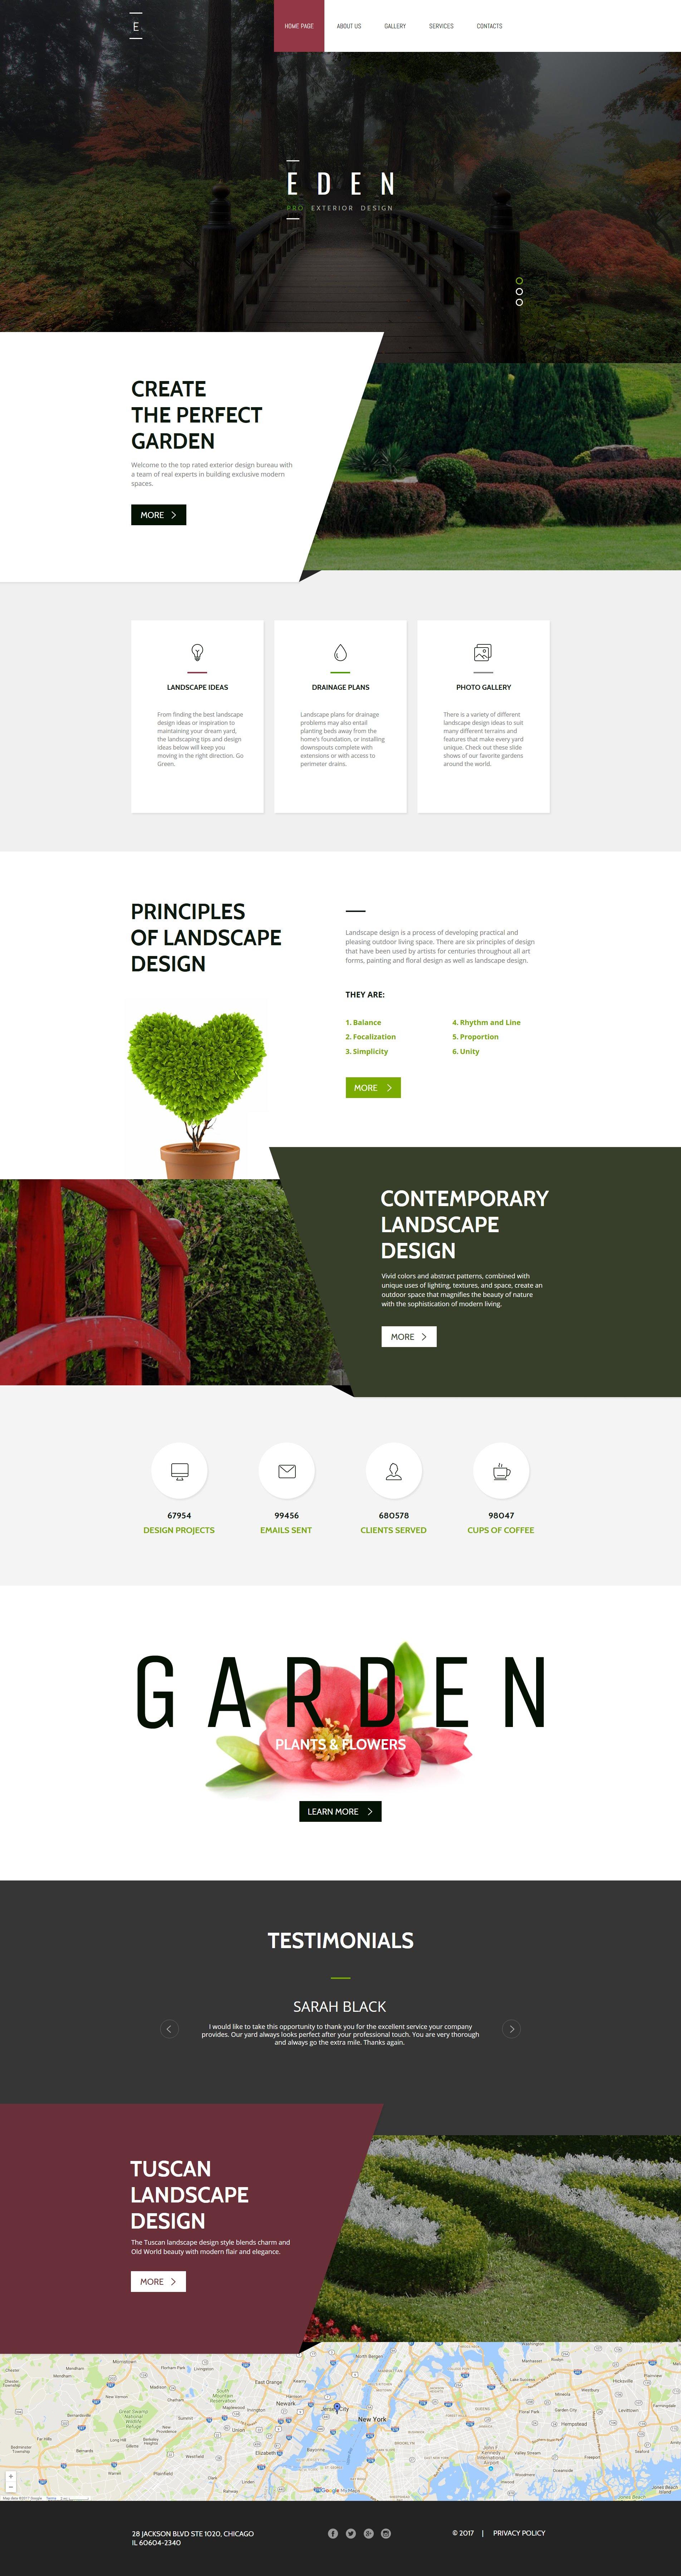 Garden Design Responsive Moto CMS HTML Template